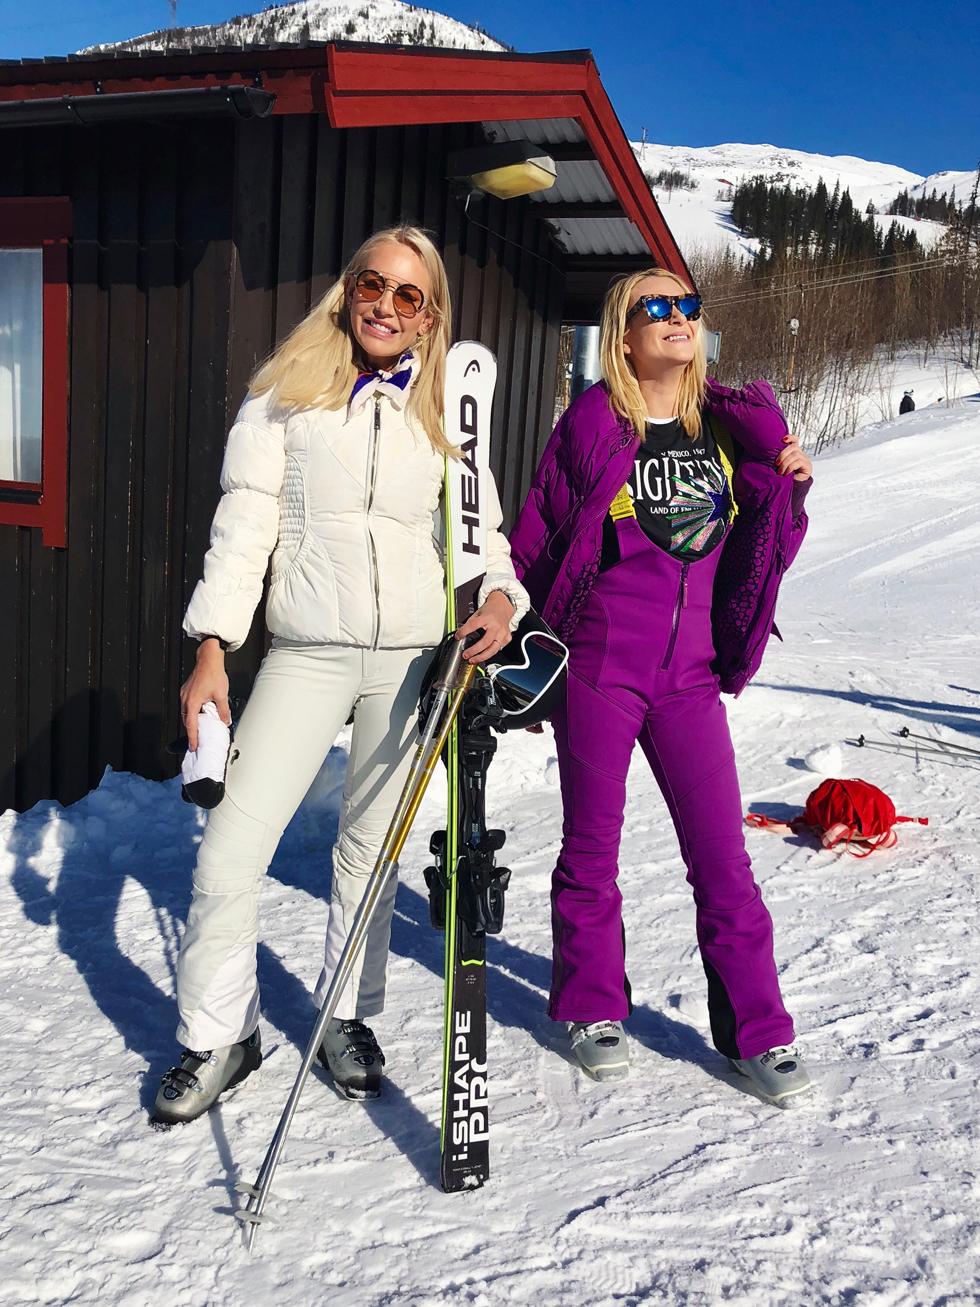 Petra-Tungården-Skidkläder-